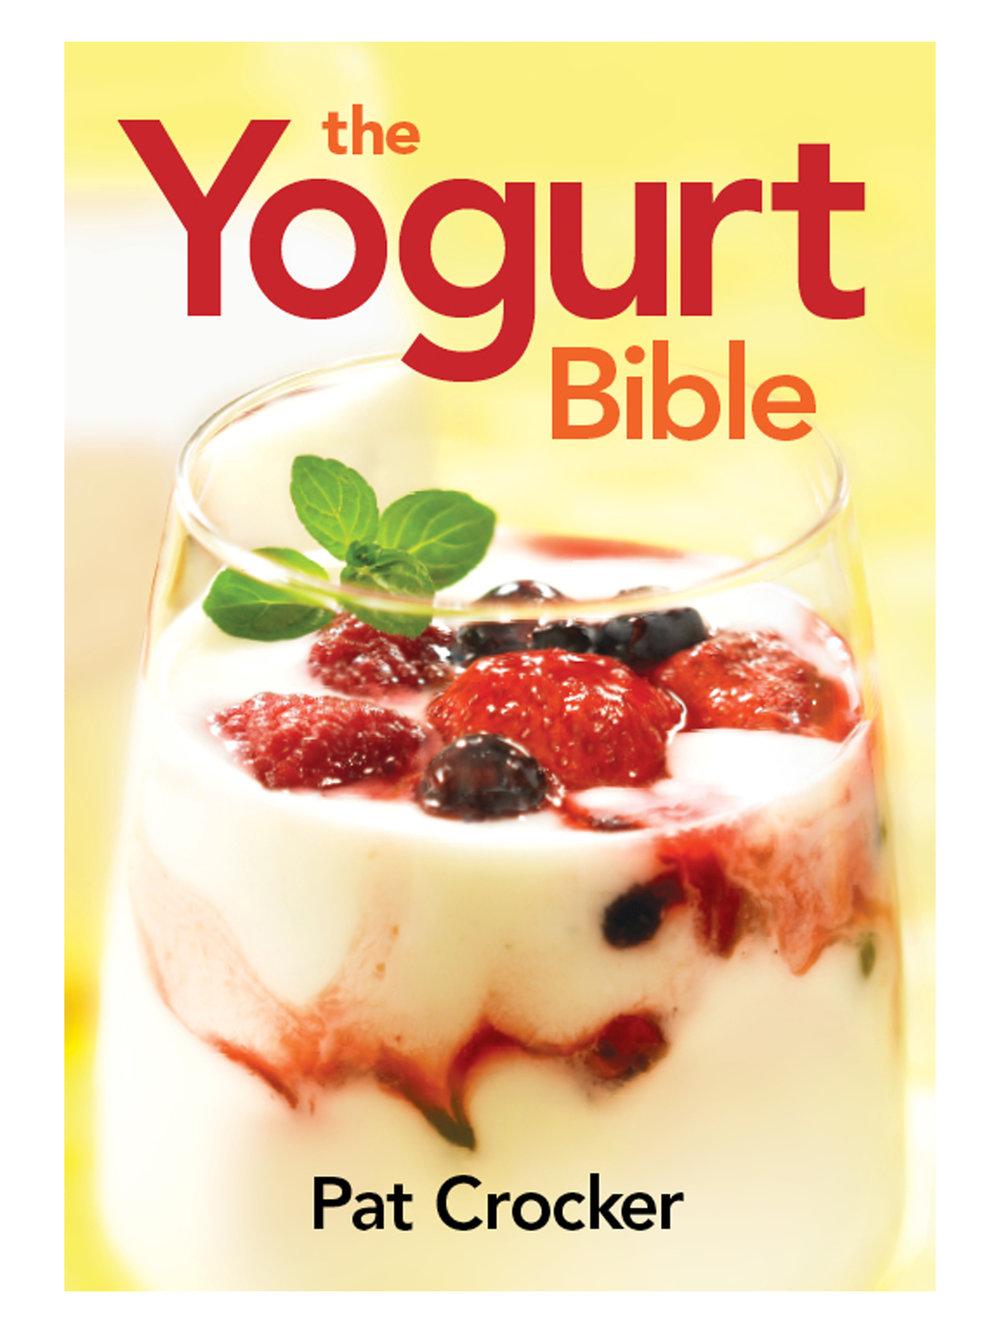 The Yogurt Bible